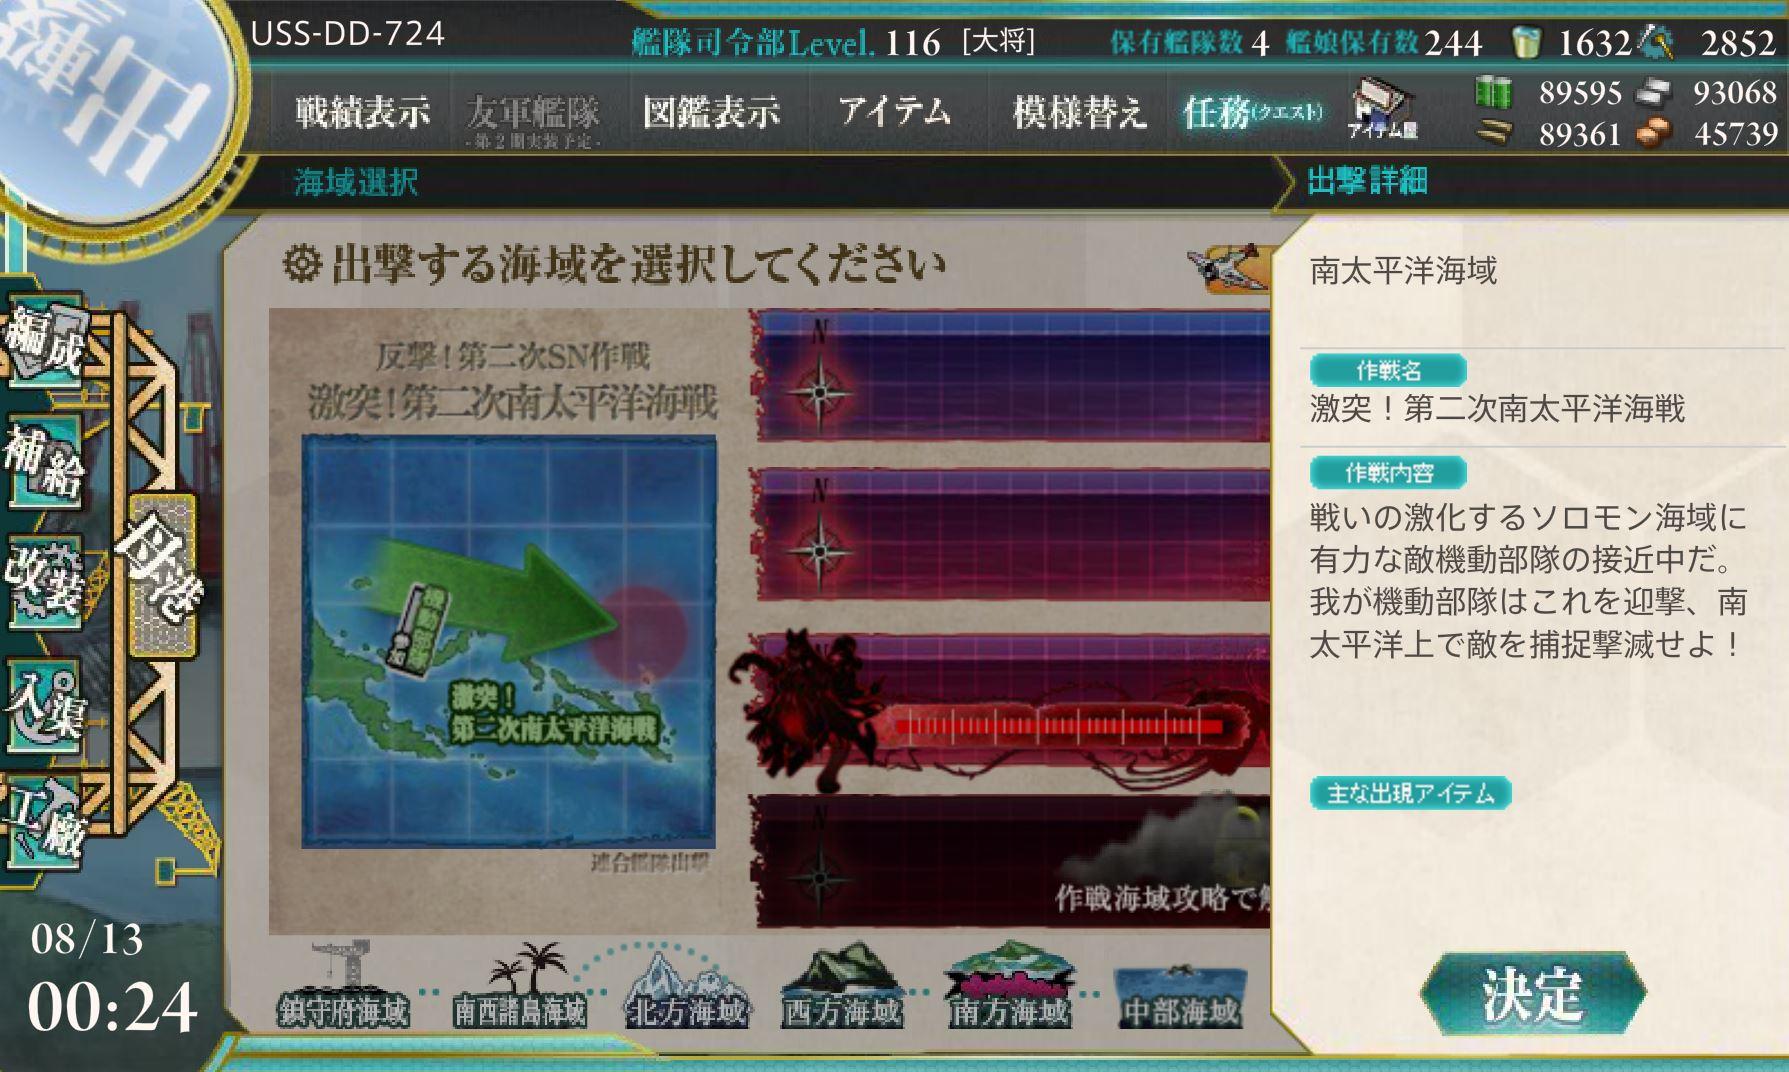 [칸코레] E-3 갑 난이도 진행 중입니다